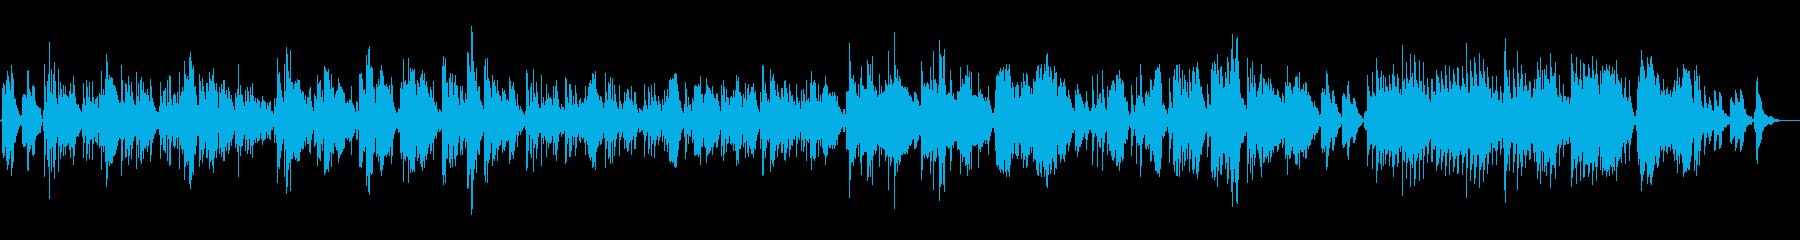 クラシックギターソロによる環境音楽の再生済みの波形